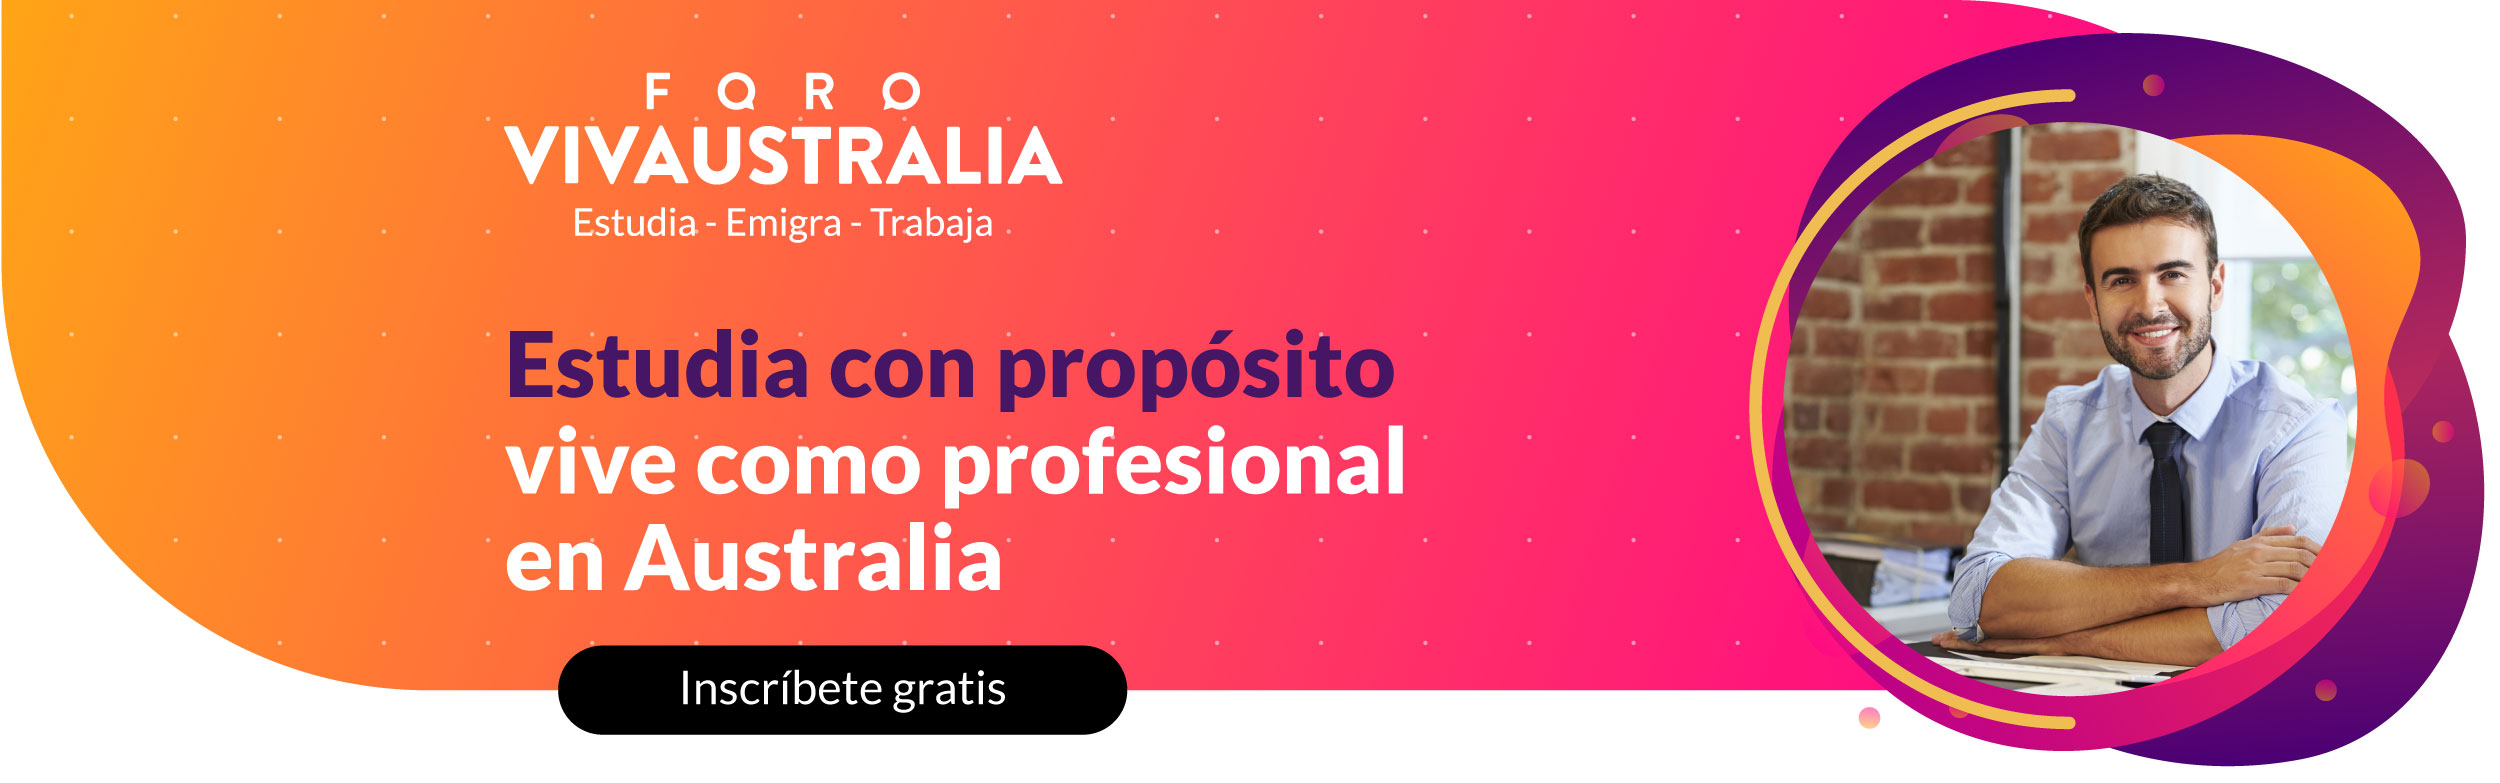 https://vivaaustralia.com.au/wp-content/uploads/2019/08/Banner-articulo-foro-viva-australia-agosto5.jpg